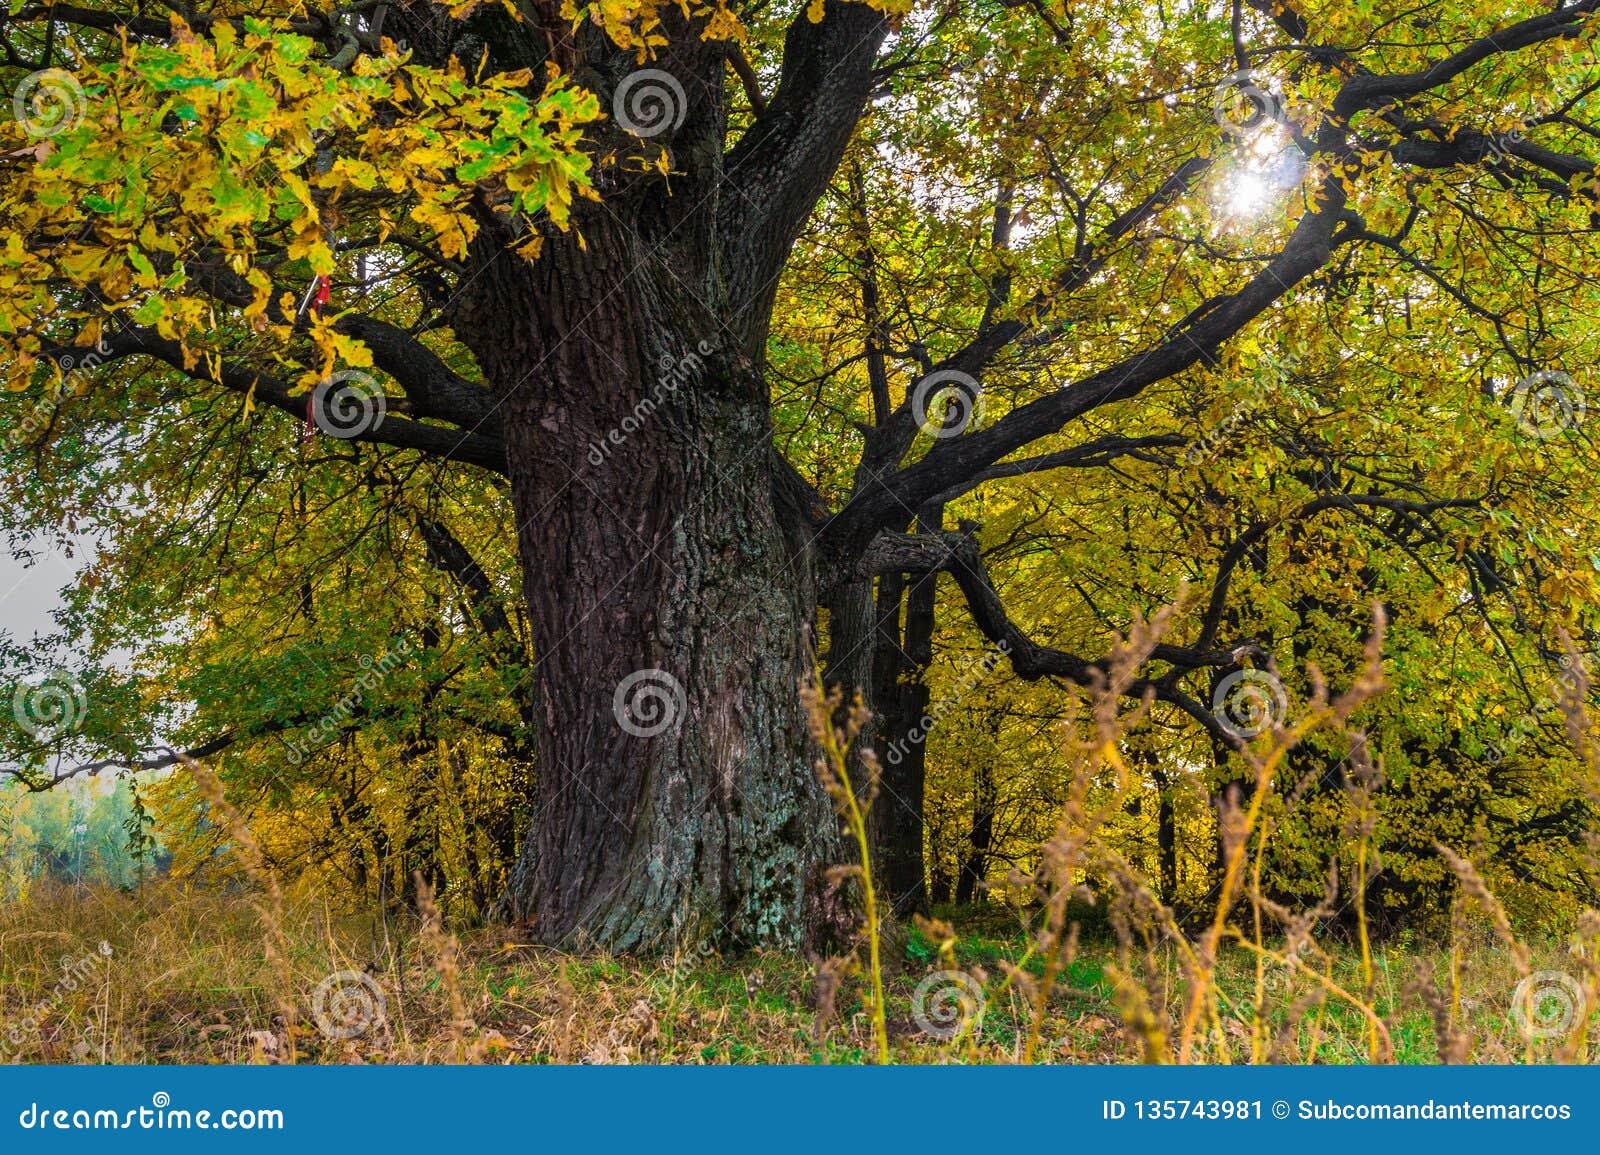 Μια δυνατή παλαιά αρχαία βαλανιδιά, που στέκεται μόνο στην άκρη ενός δρύινου άλσους λειψάνων Χρυσό φθινόπωρο, πολύβλαστο κίτρινο